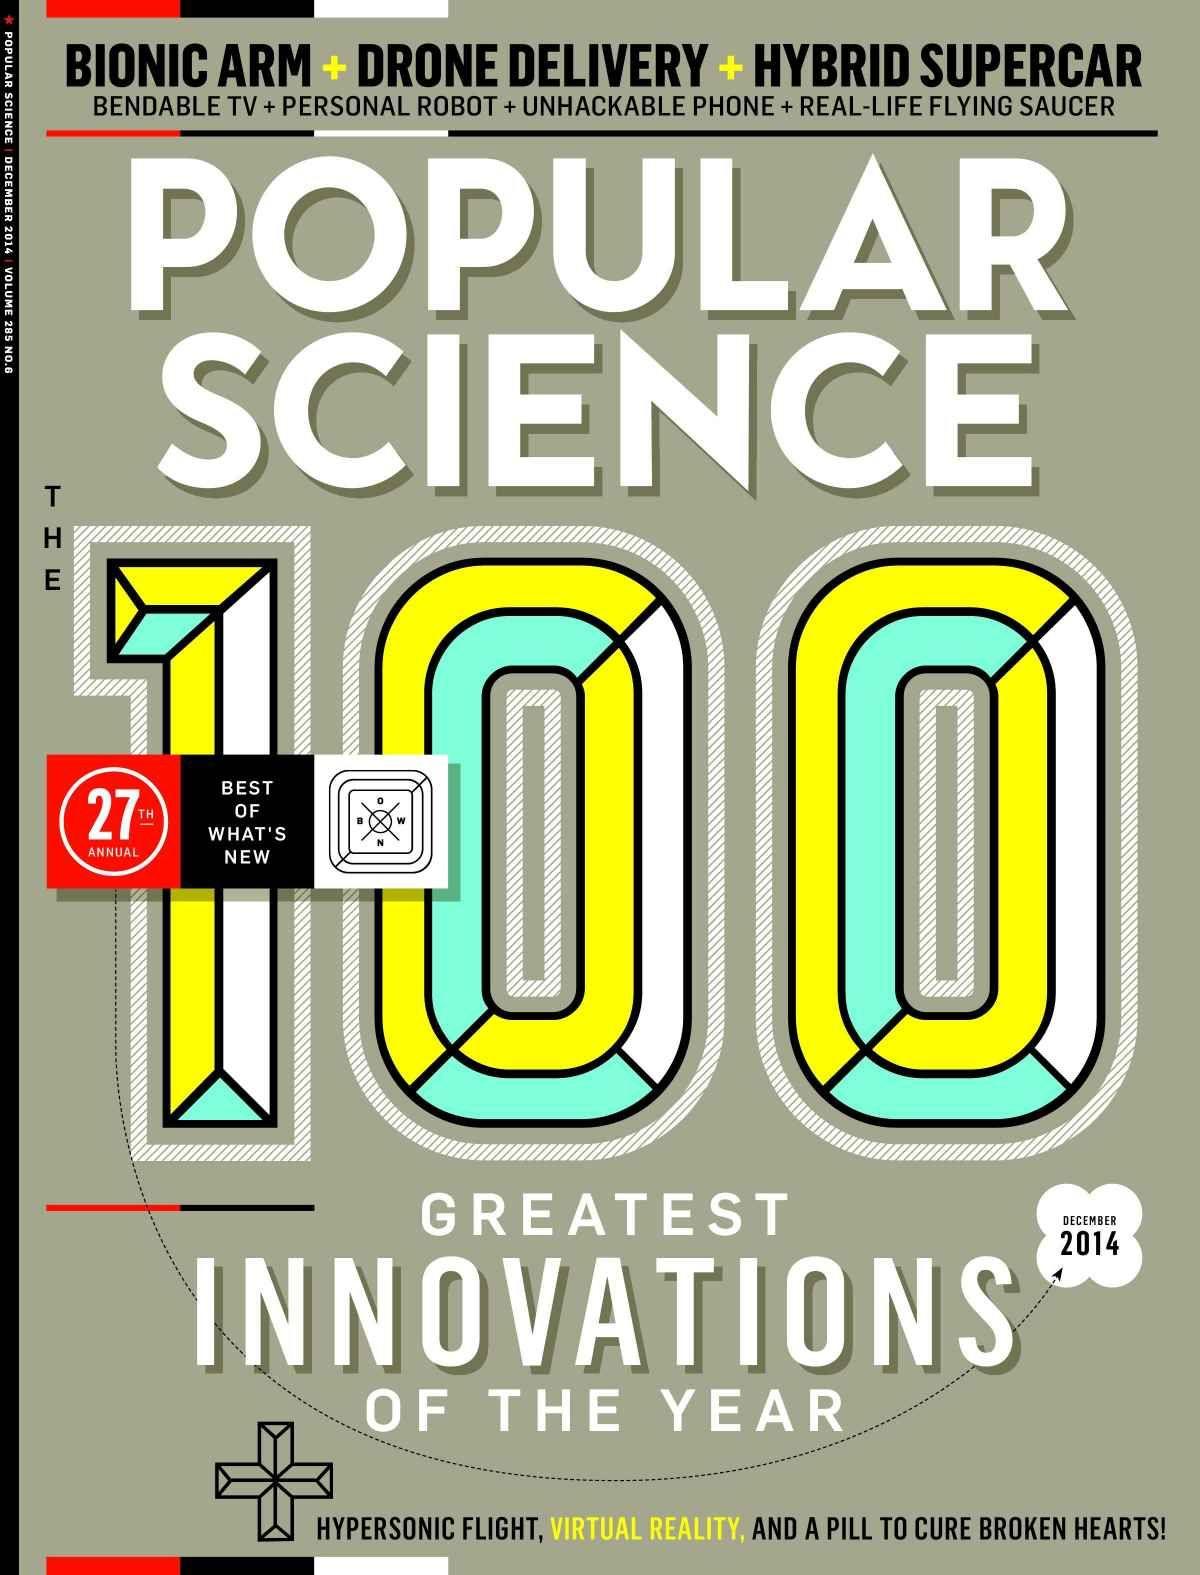 Popular scientific articles